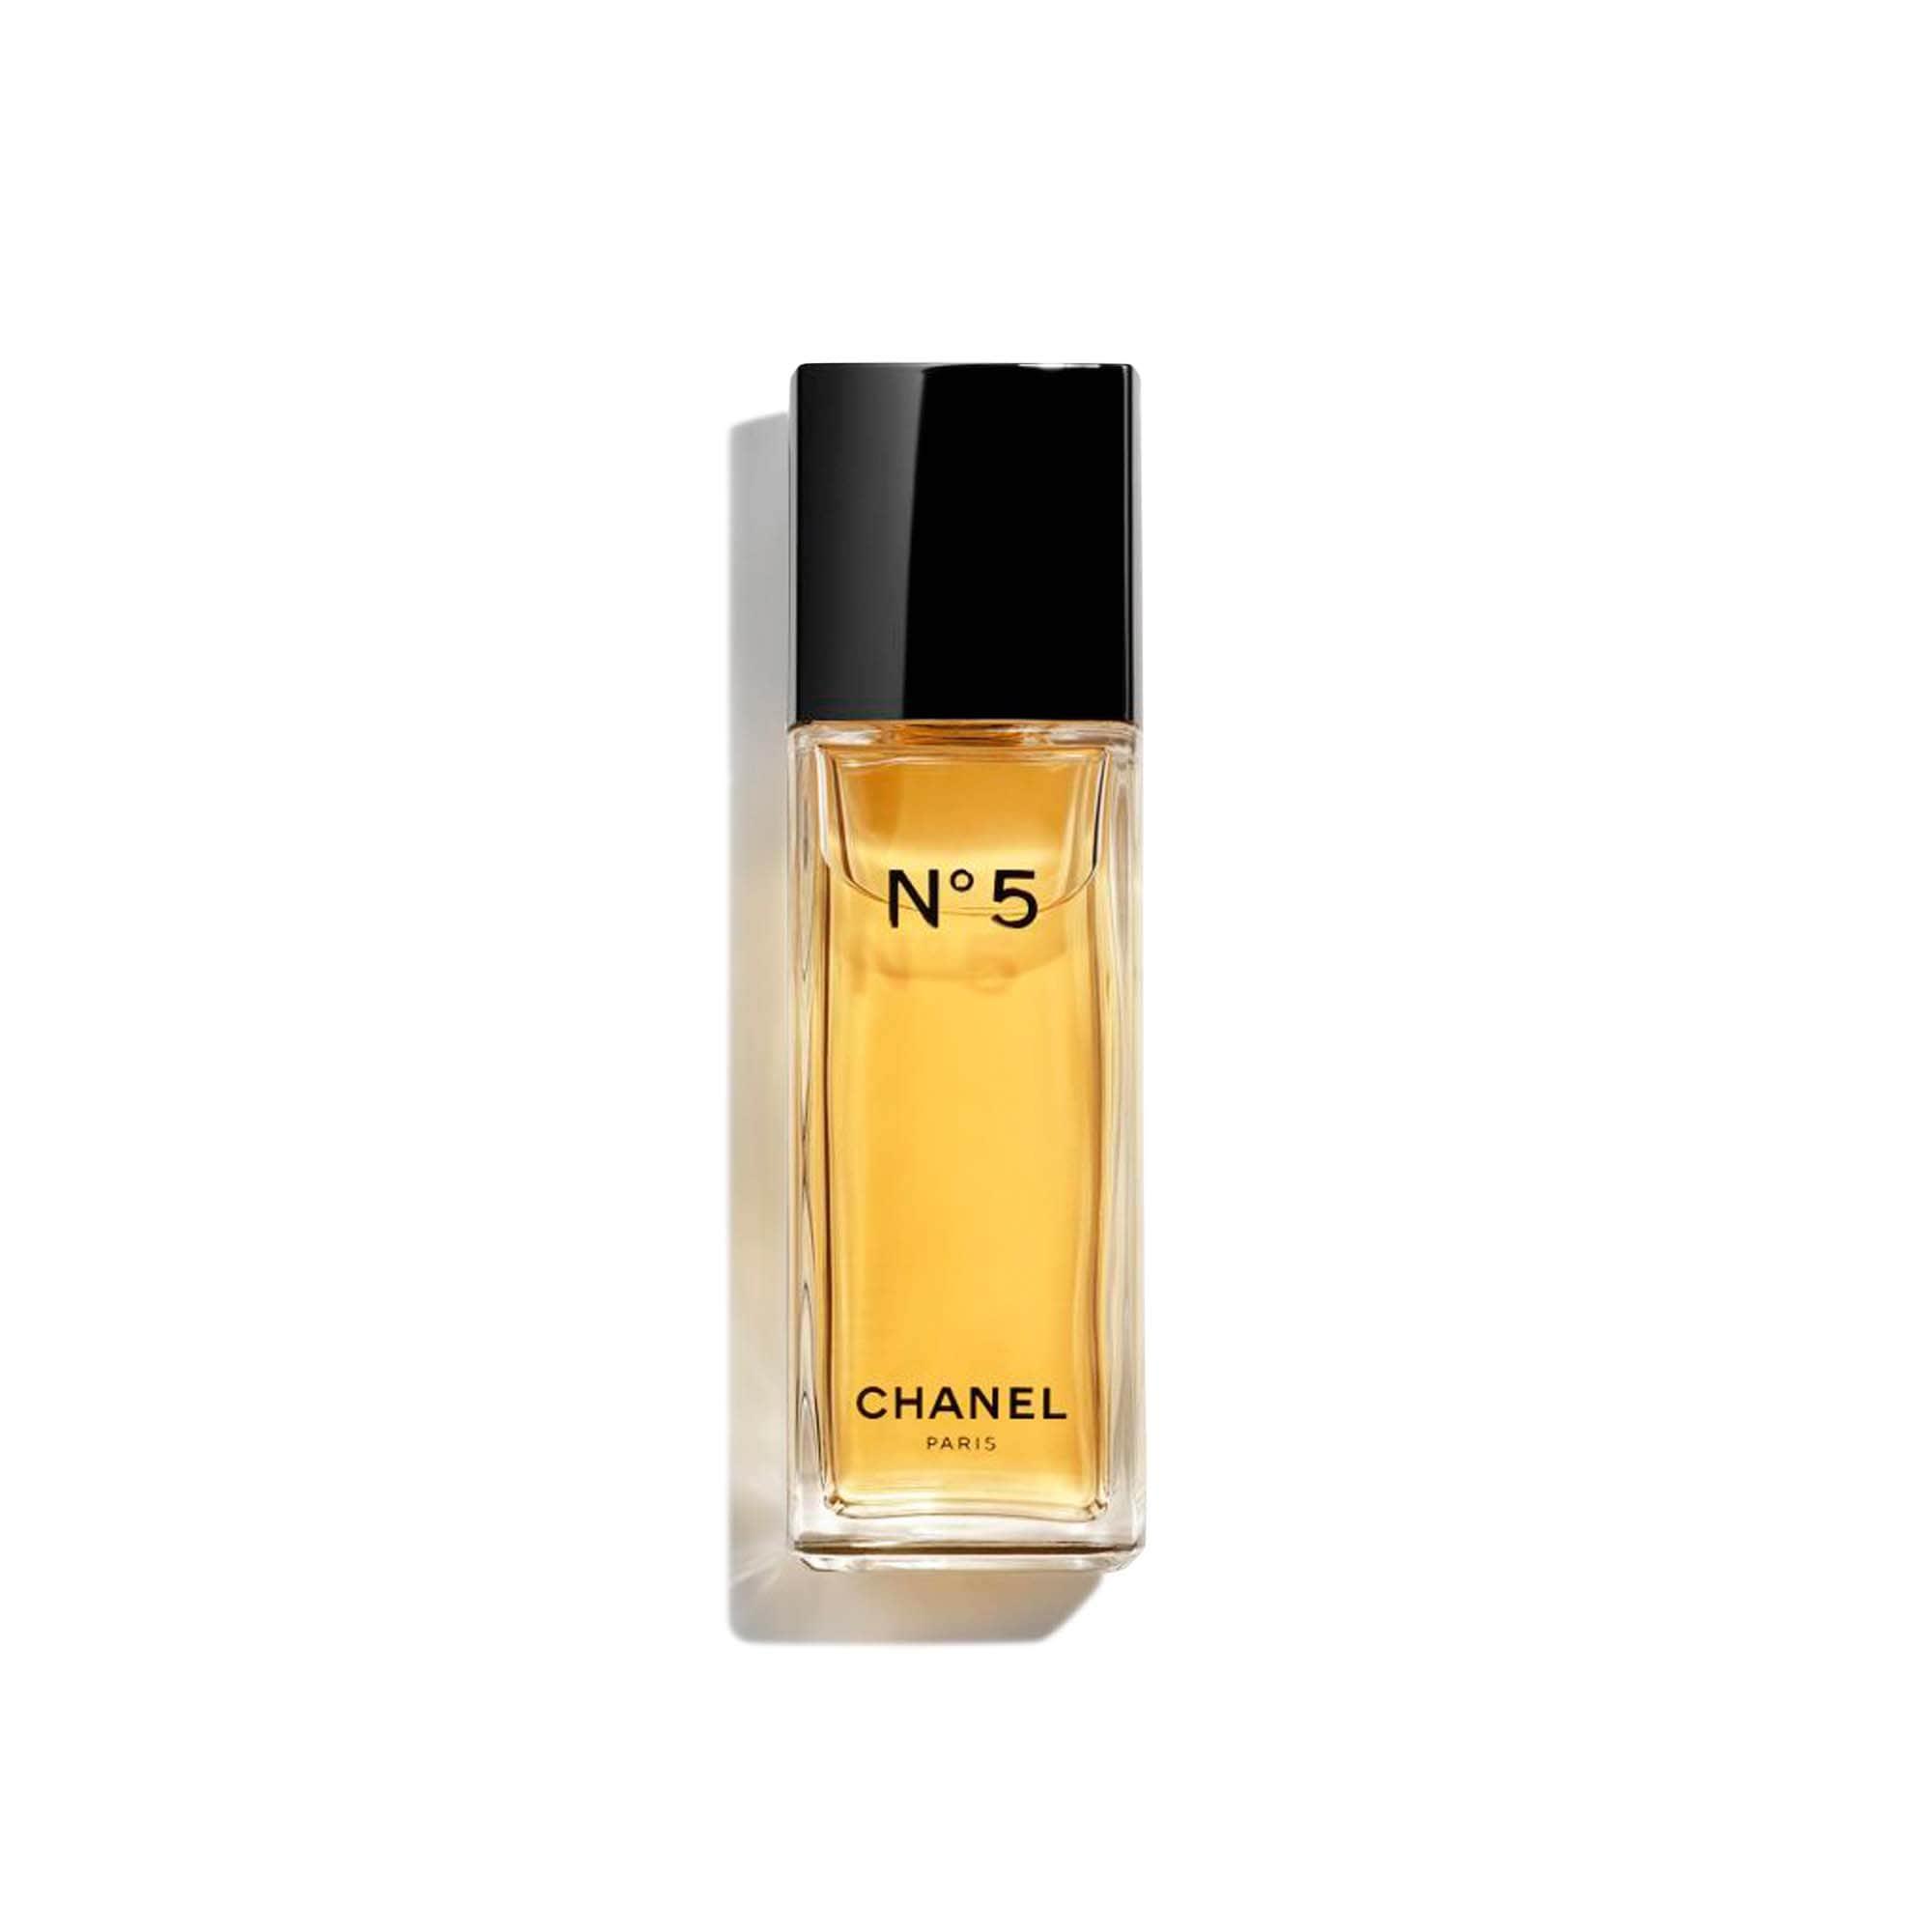 Chanel - N°5 Eau de Toilette